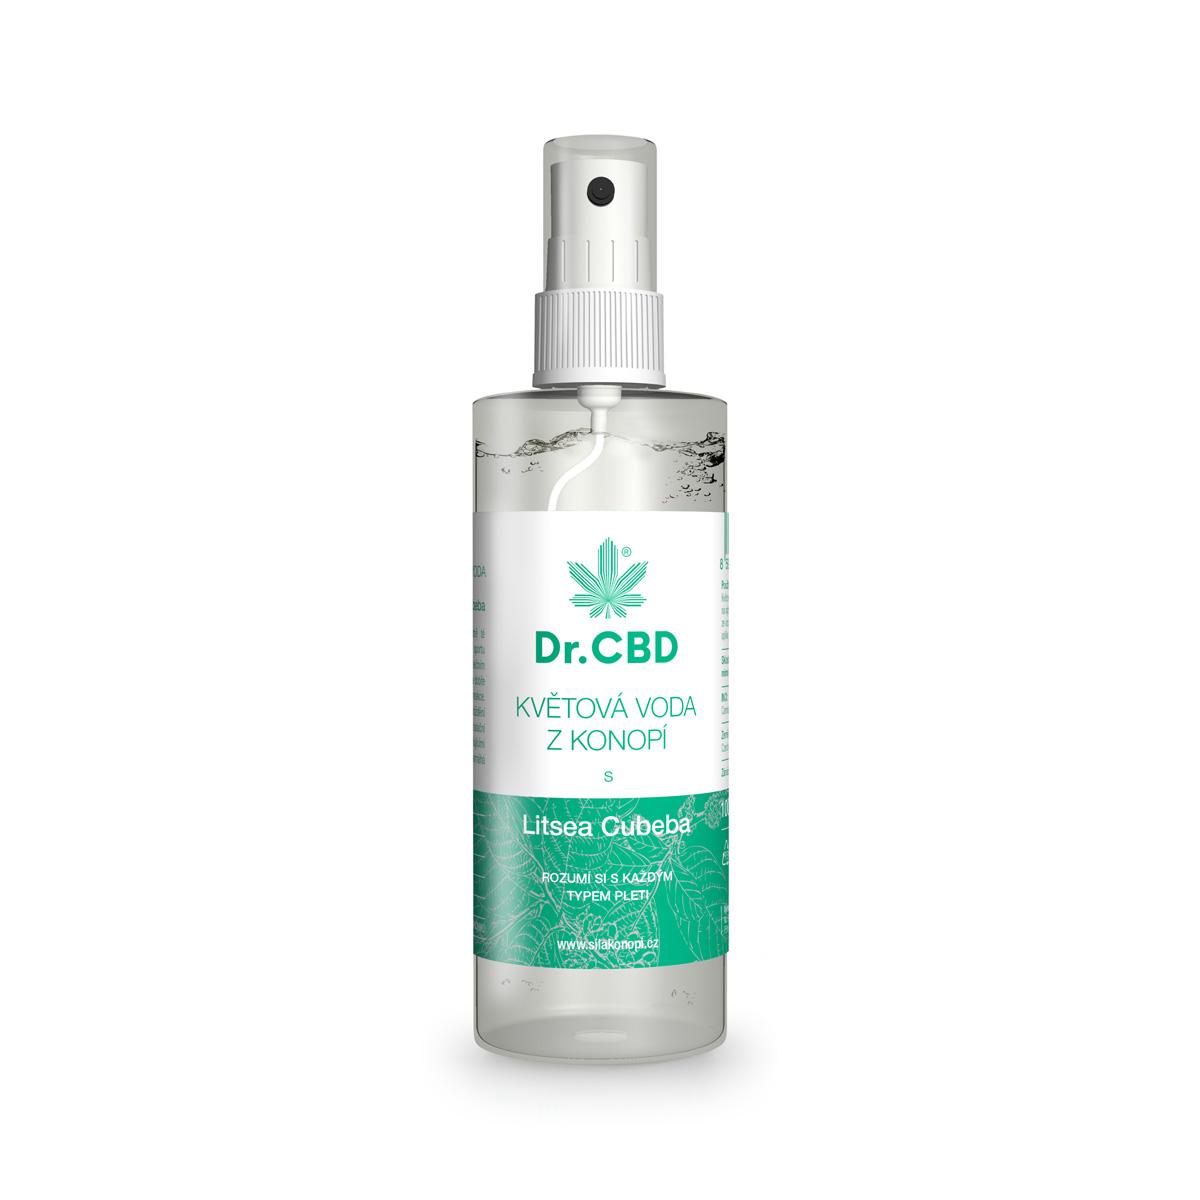 Dr. CBD Květová voda z konopí s Litsea Cubeba 120 ml